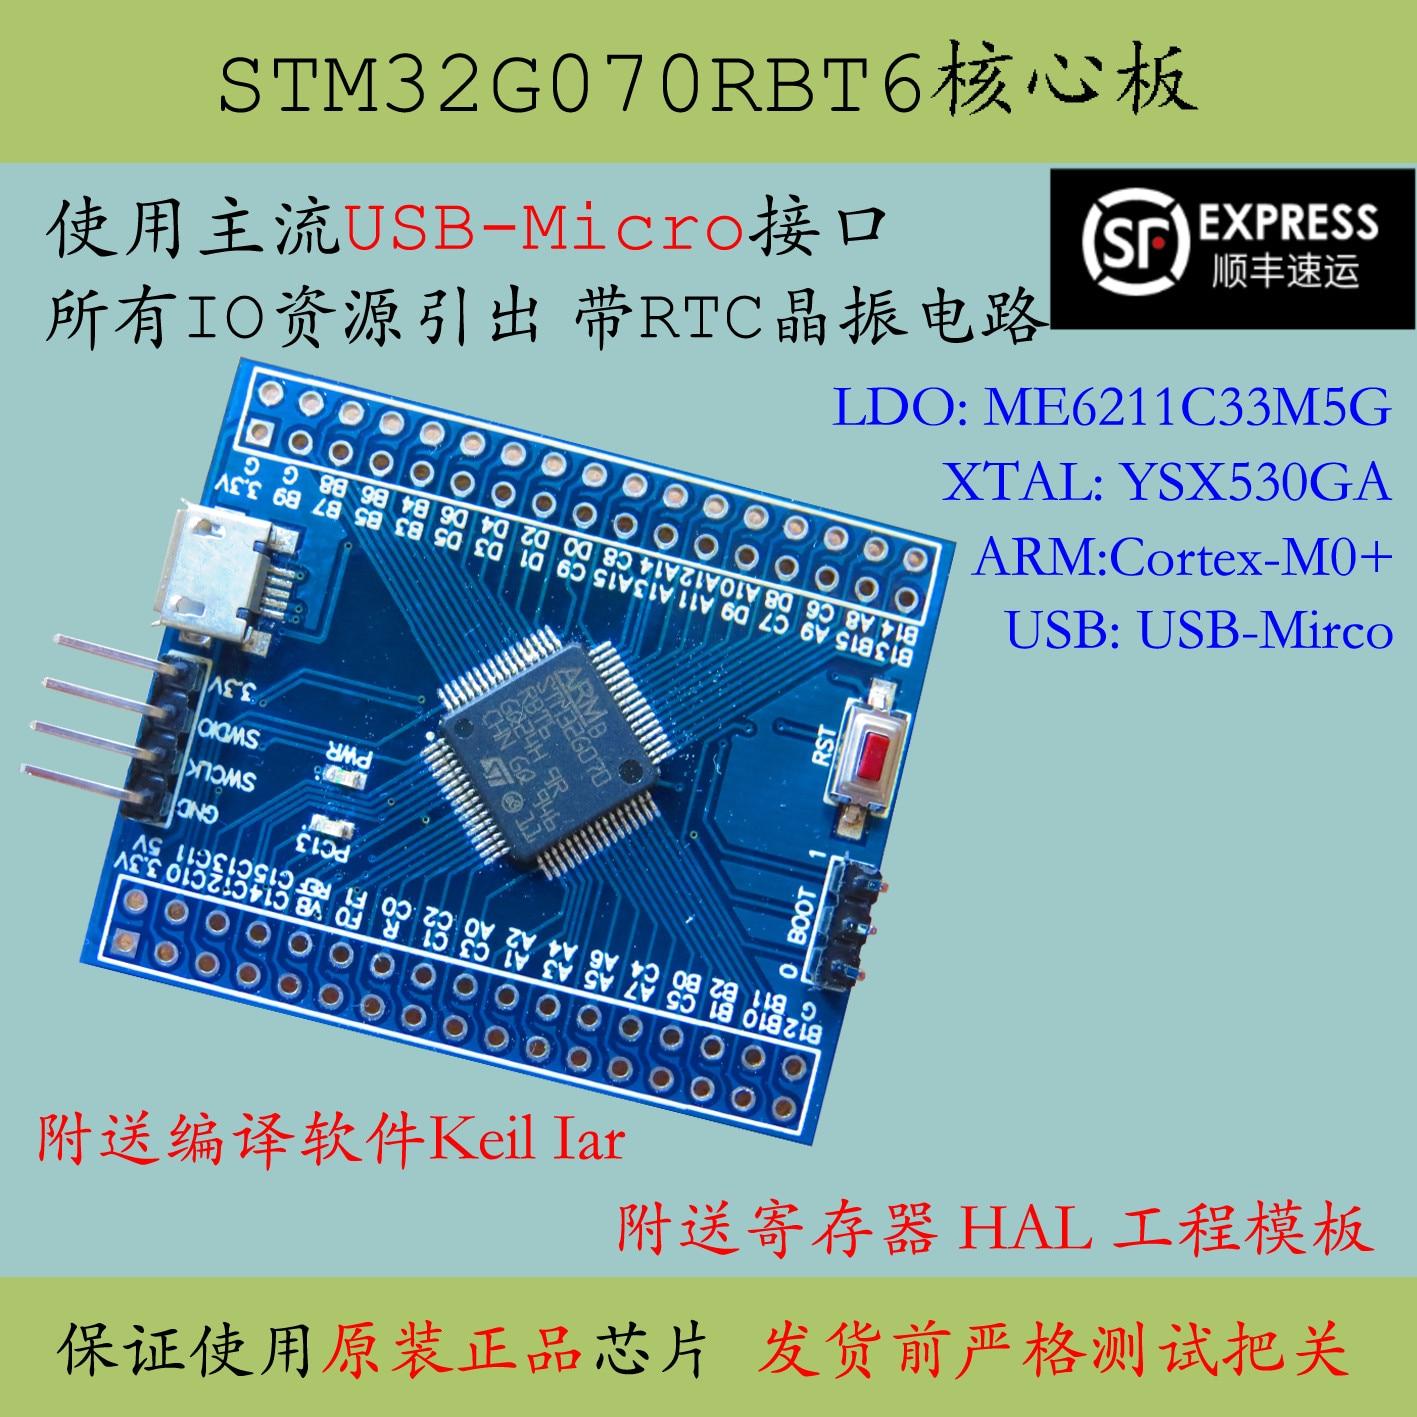 STM32G070 النواة مجلس STM32G070RBT6 الحد الأدنى نظام مجلس التنمية Cortex-M0 64PIN